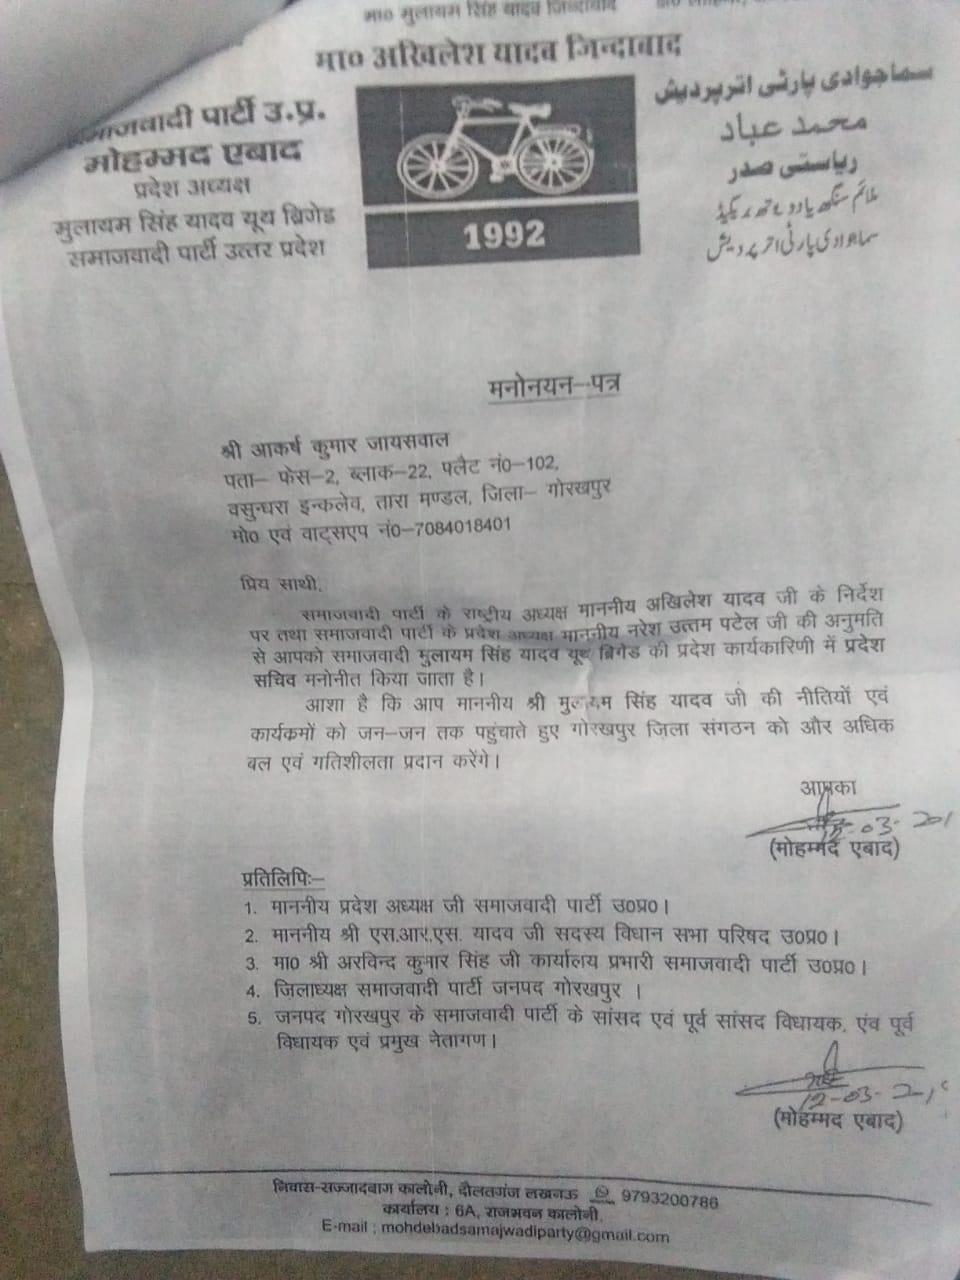 चुनाव से पहले गोरखपुर के आकर्ष को मिली बड़ी ज़िम्मेदारी, बनाए गए मुलायम सिंह यूथ ब्रिगेड के प्रदेश सचिव 2